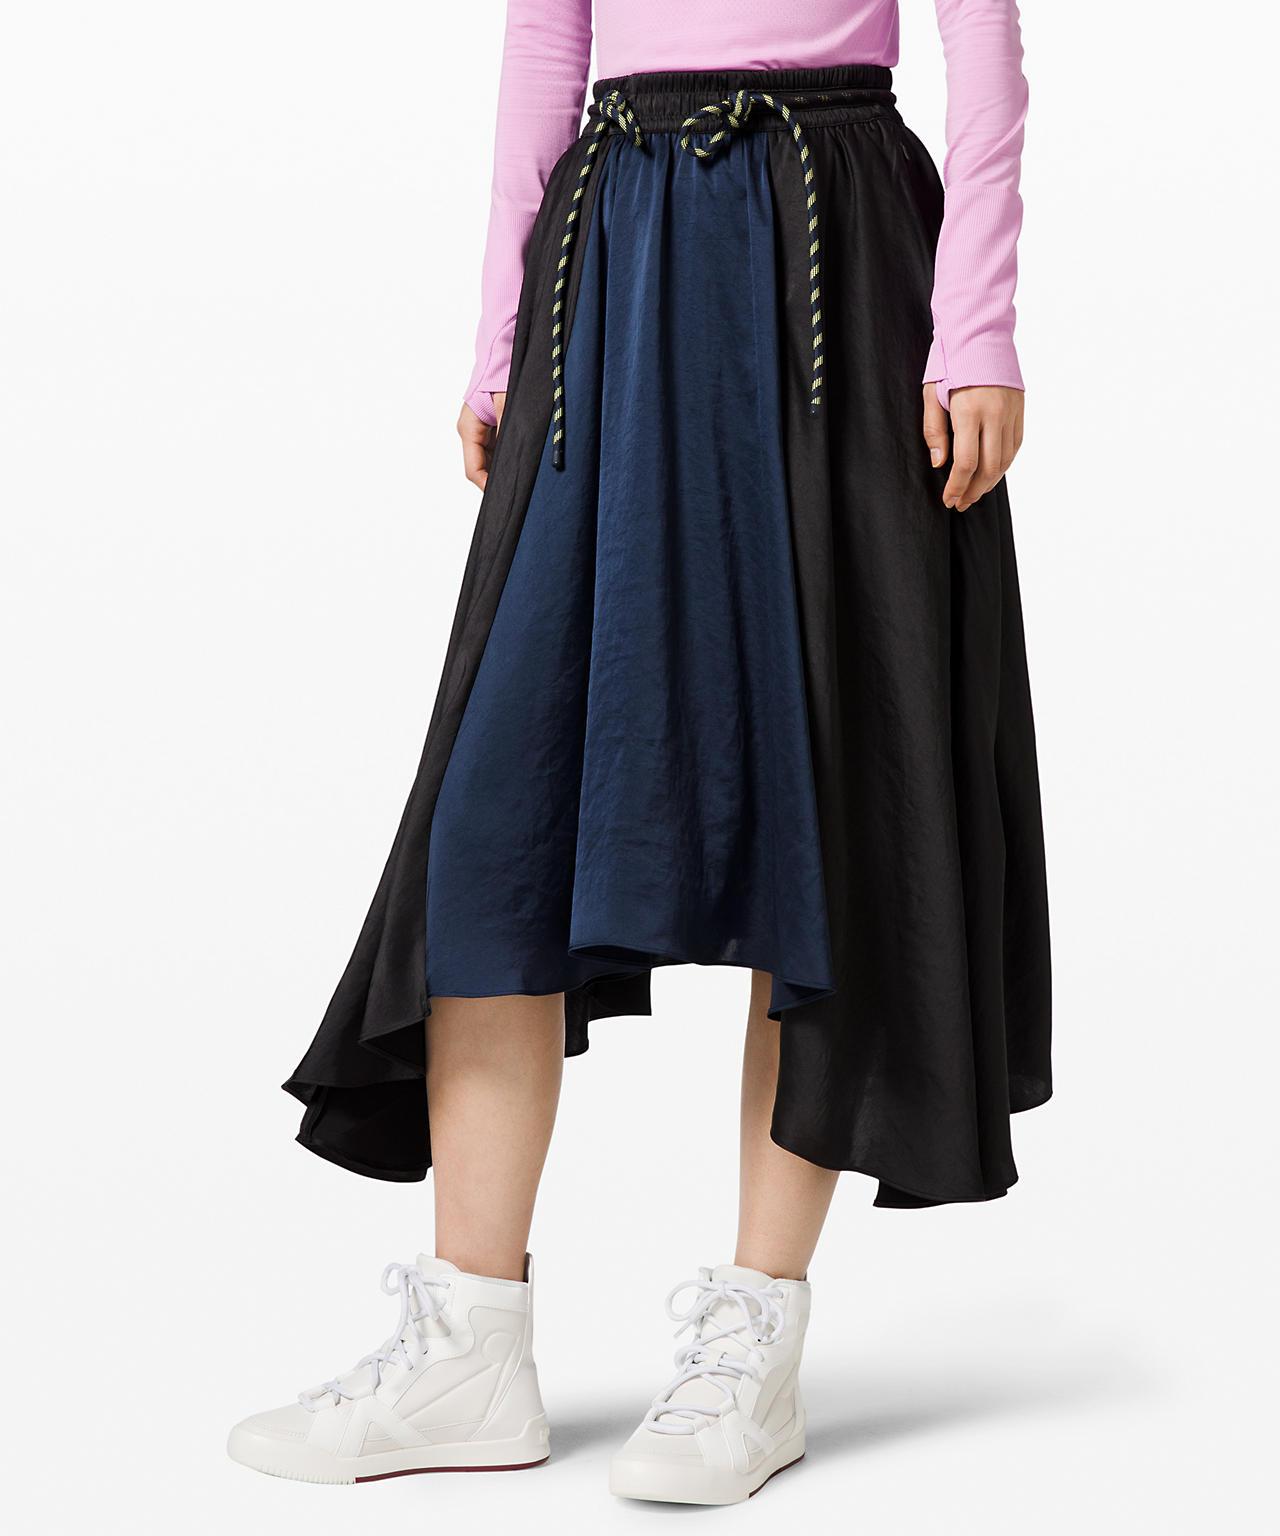 Face Forward Skirt  lululemon x Roksanda